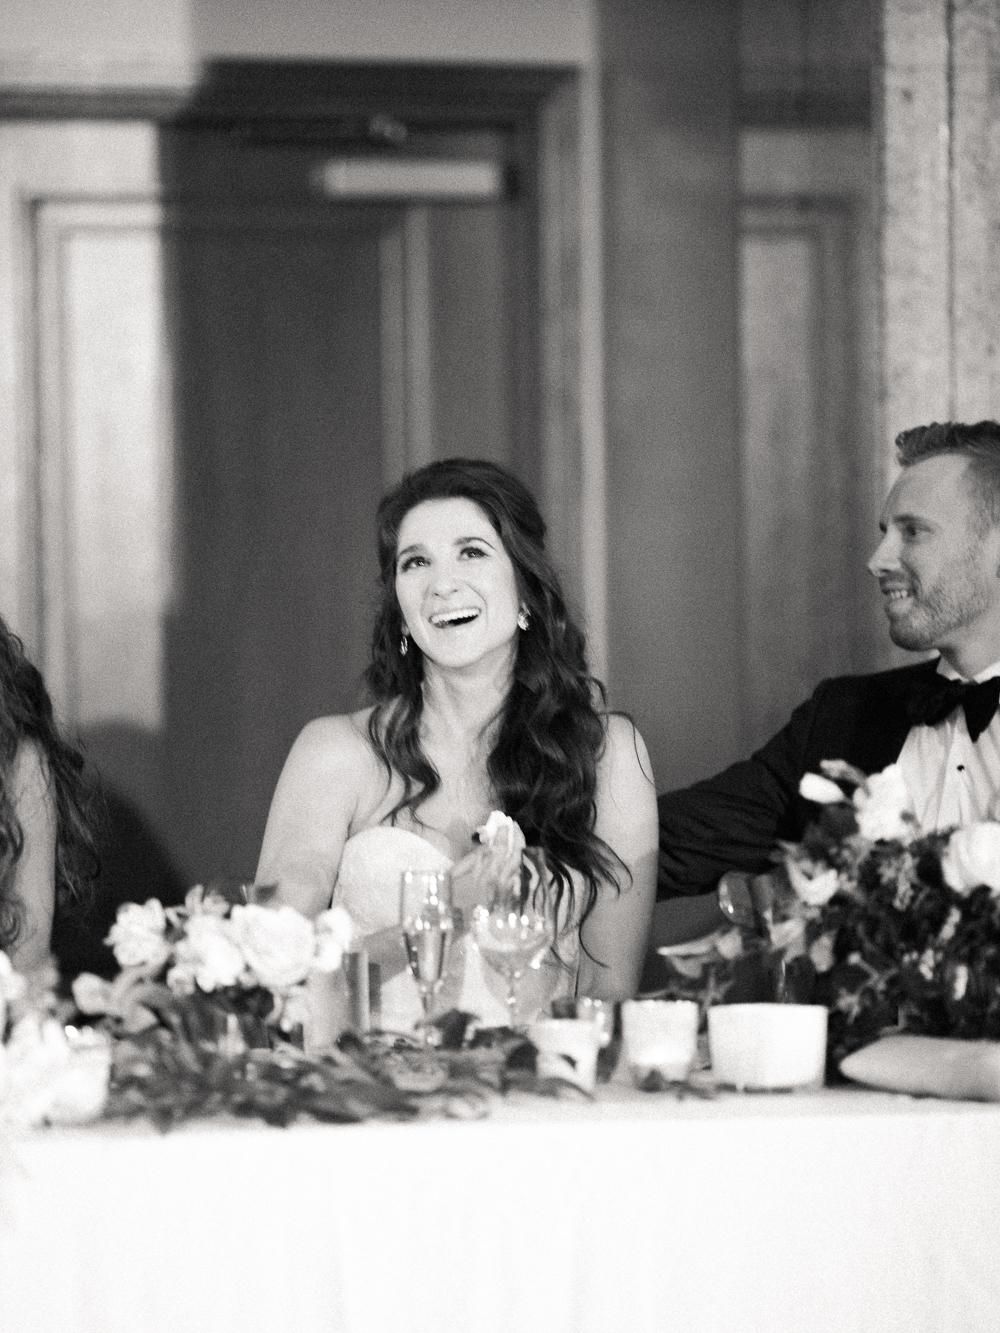 0065-When-He-Found-Her-Muskoka-JW Marriott-The Rosseau-shea-events-sweet-woodruff-canadian-resort-wedding.jpg